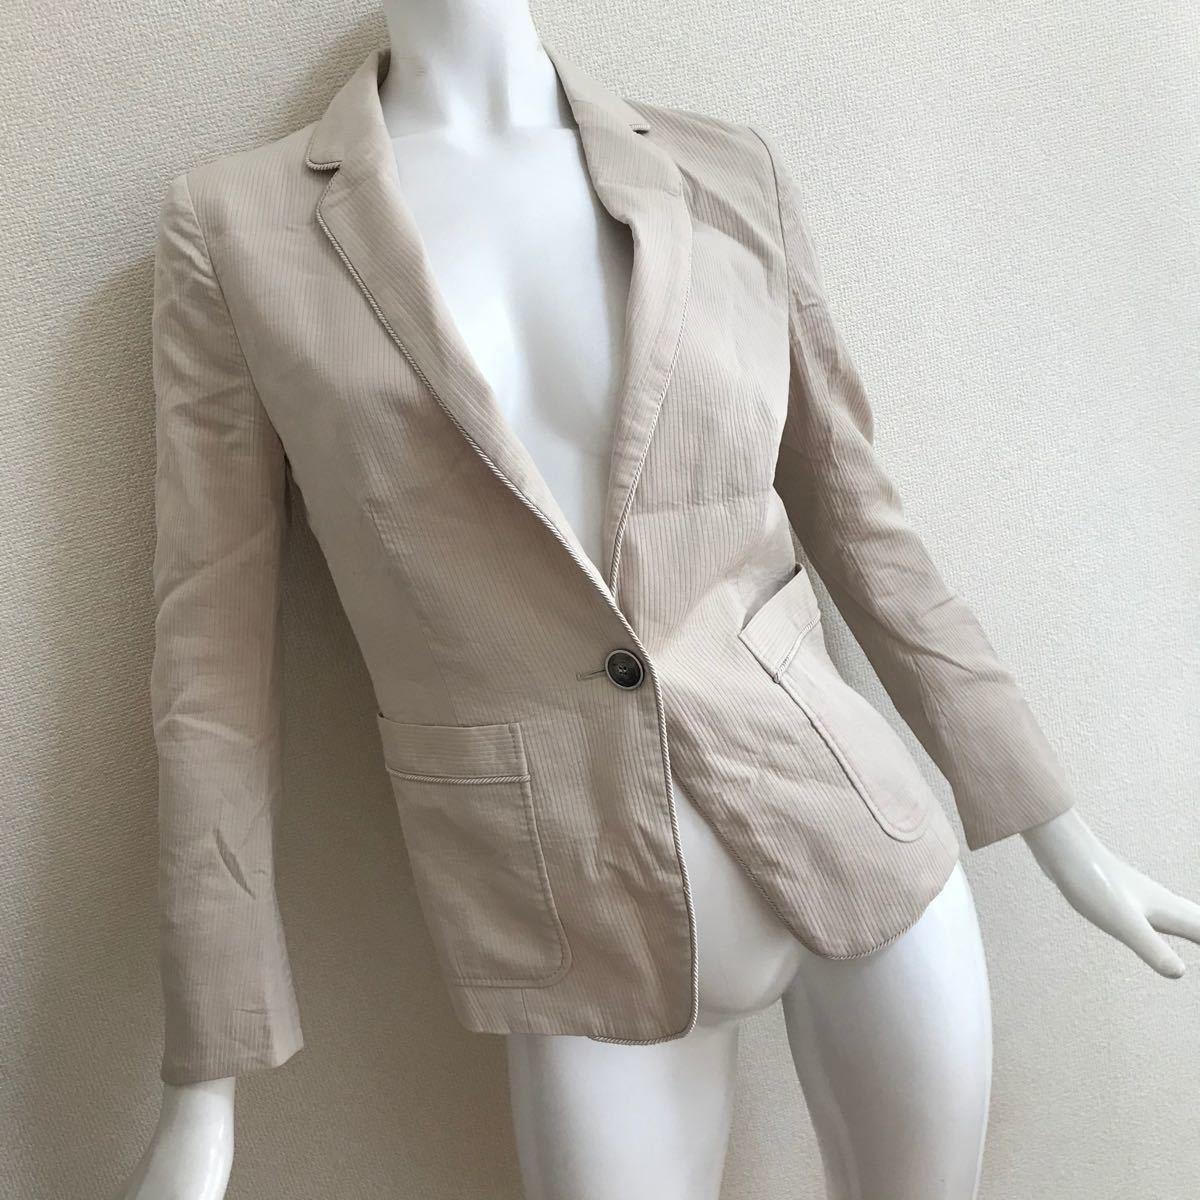 テーラードジャケット マックスマーラ ジャケット オフィスカジュアル フォーマル 23区 自由区 イネド